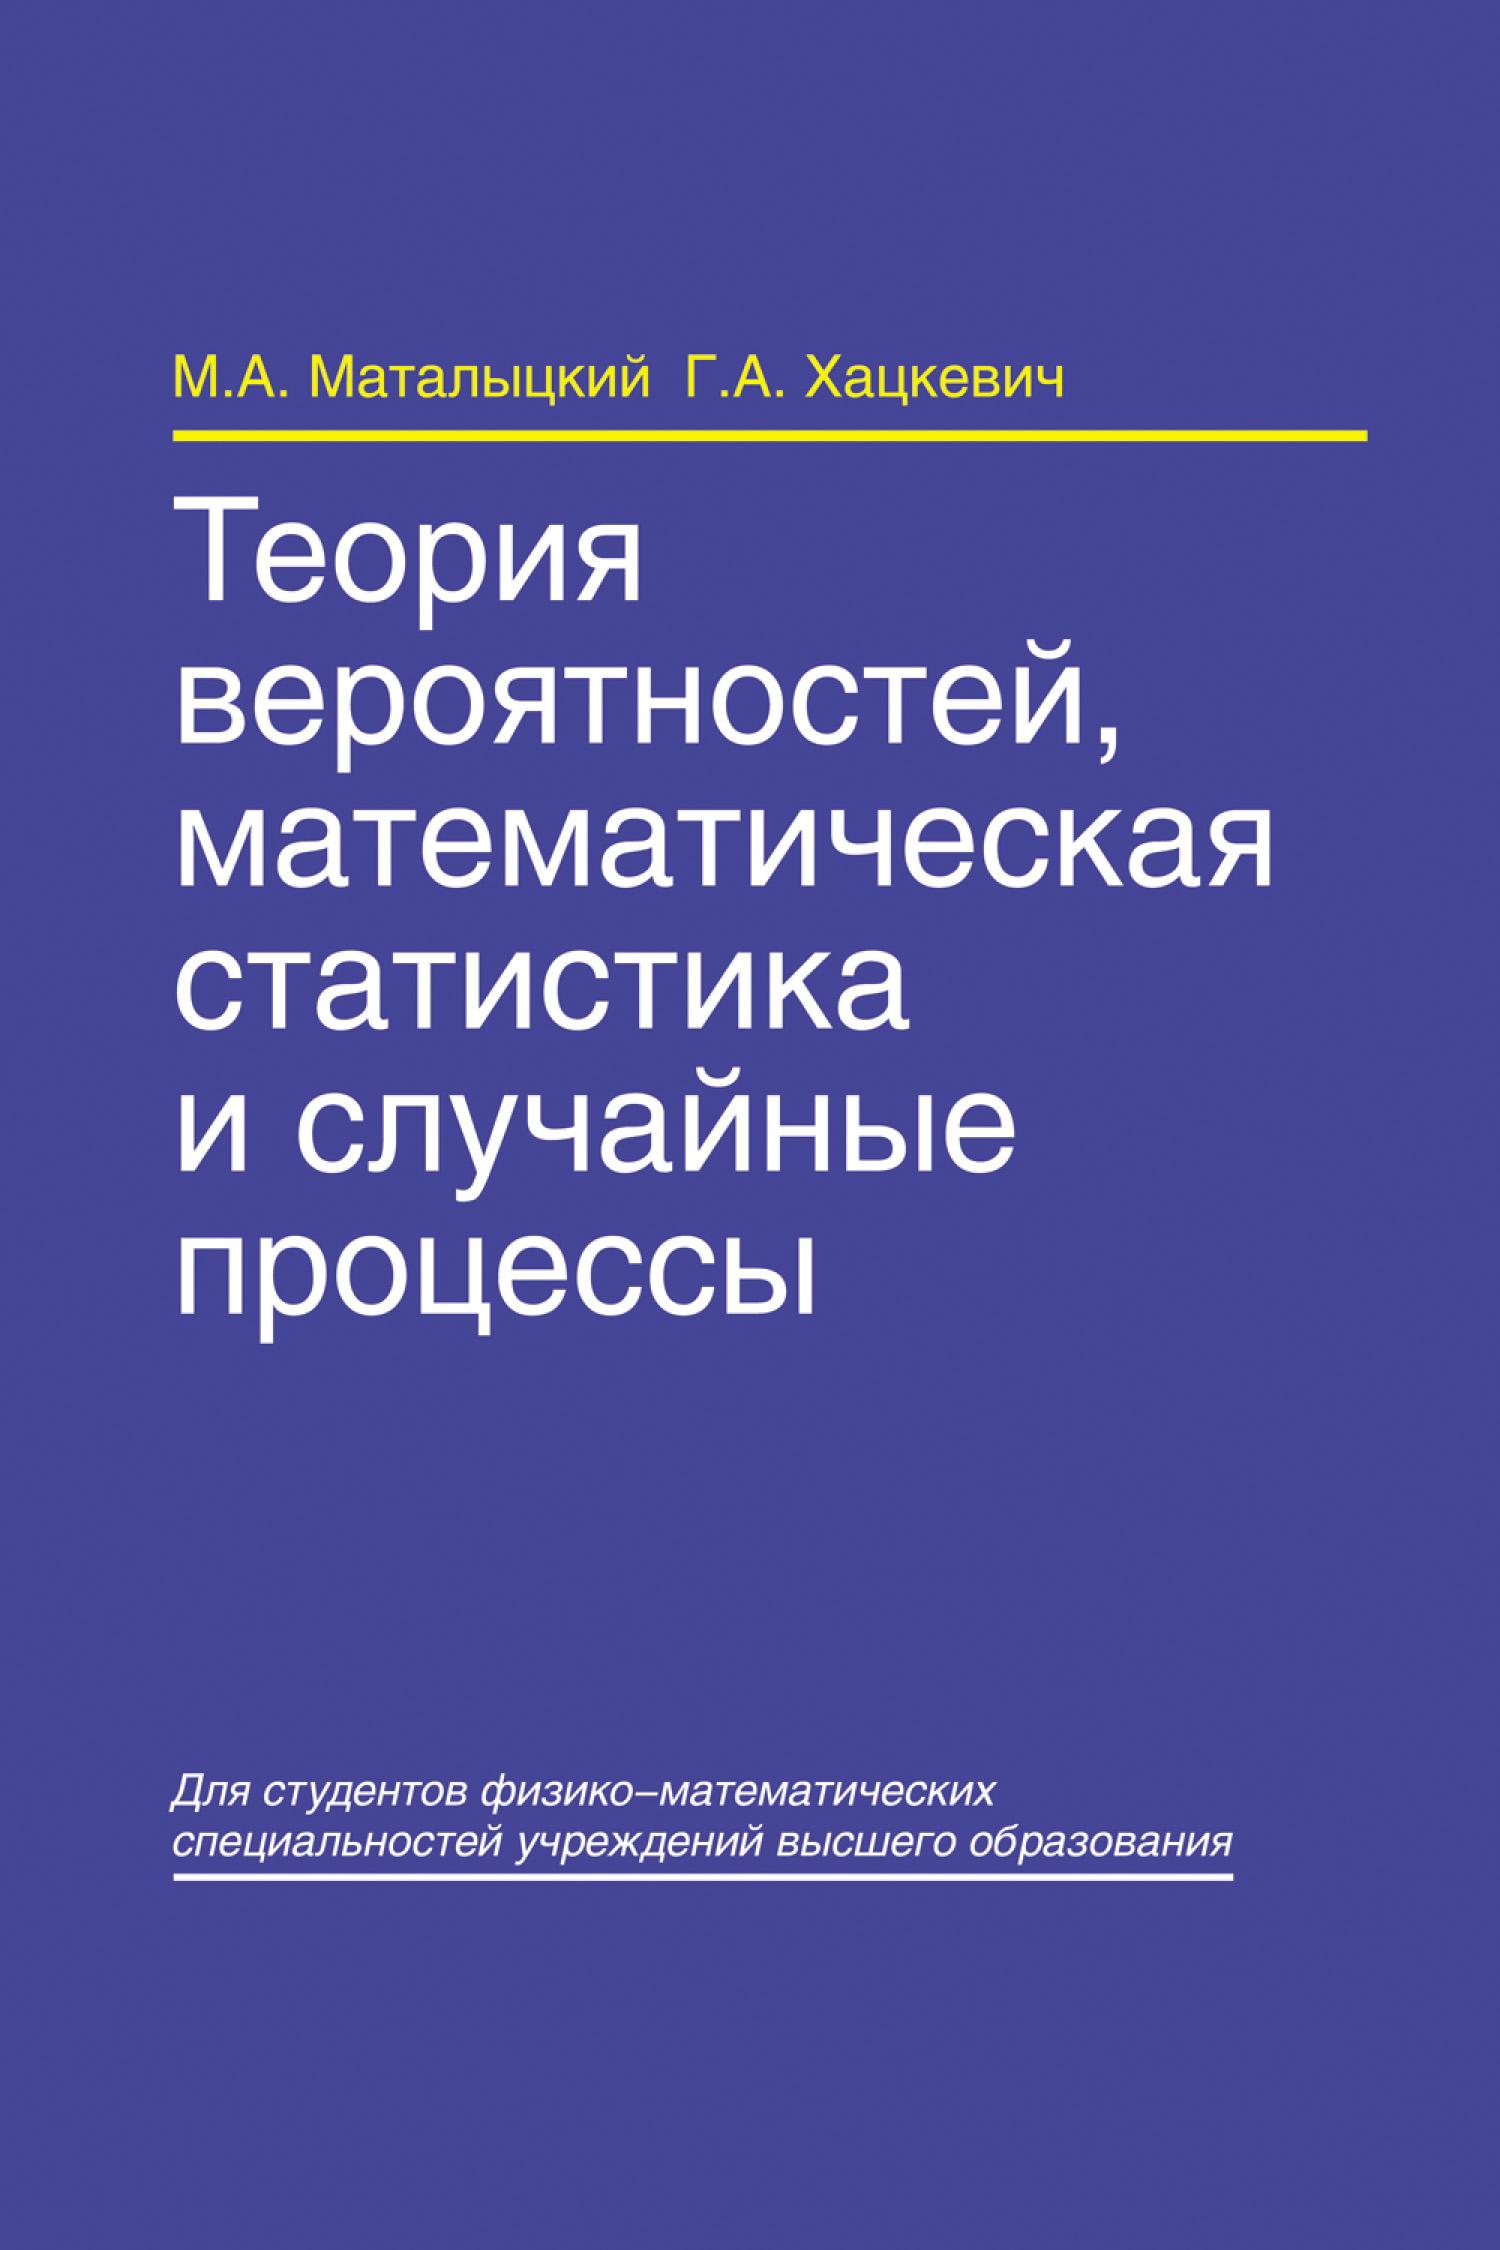 Фото - М. А. Маталыцкий Теория вероятностей, математическая статистика и случайные процессы а а боровков эргодичность и устойчивость случайных процессов